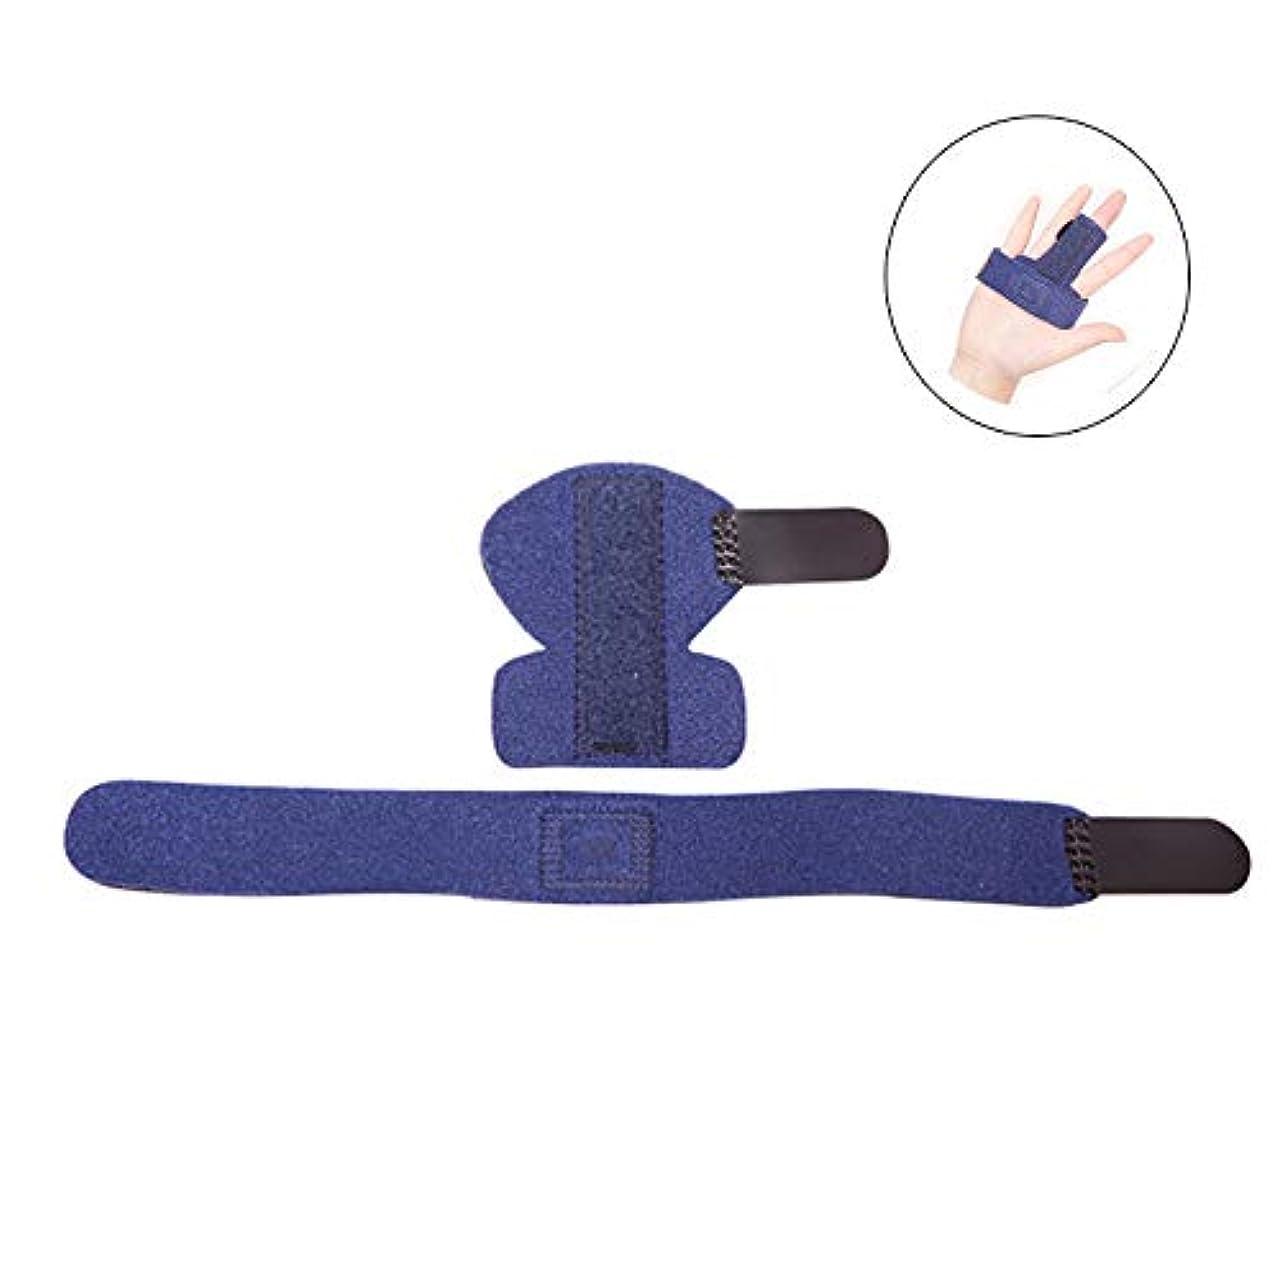 養う岸自治指の痛みの軽減、指の関節の固定、指の骨折のための指サポート調整可能なプロテクターブレーススプリント